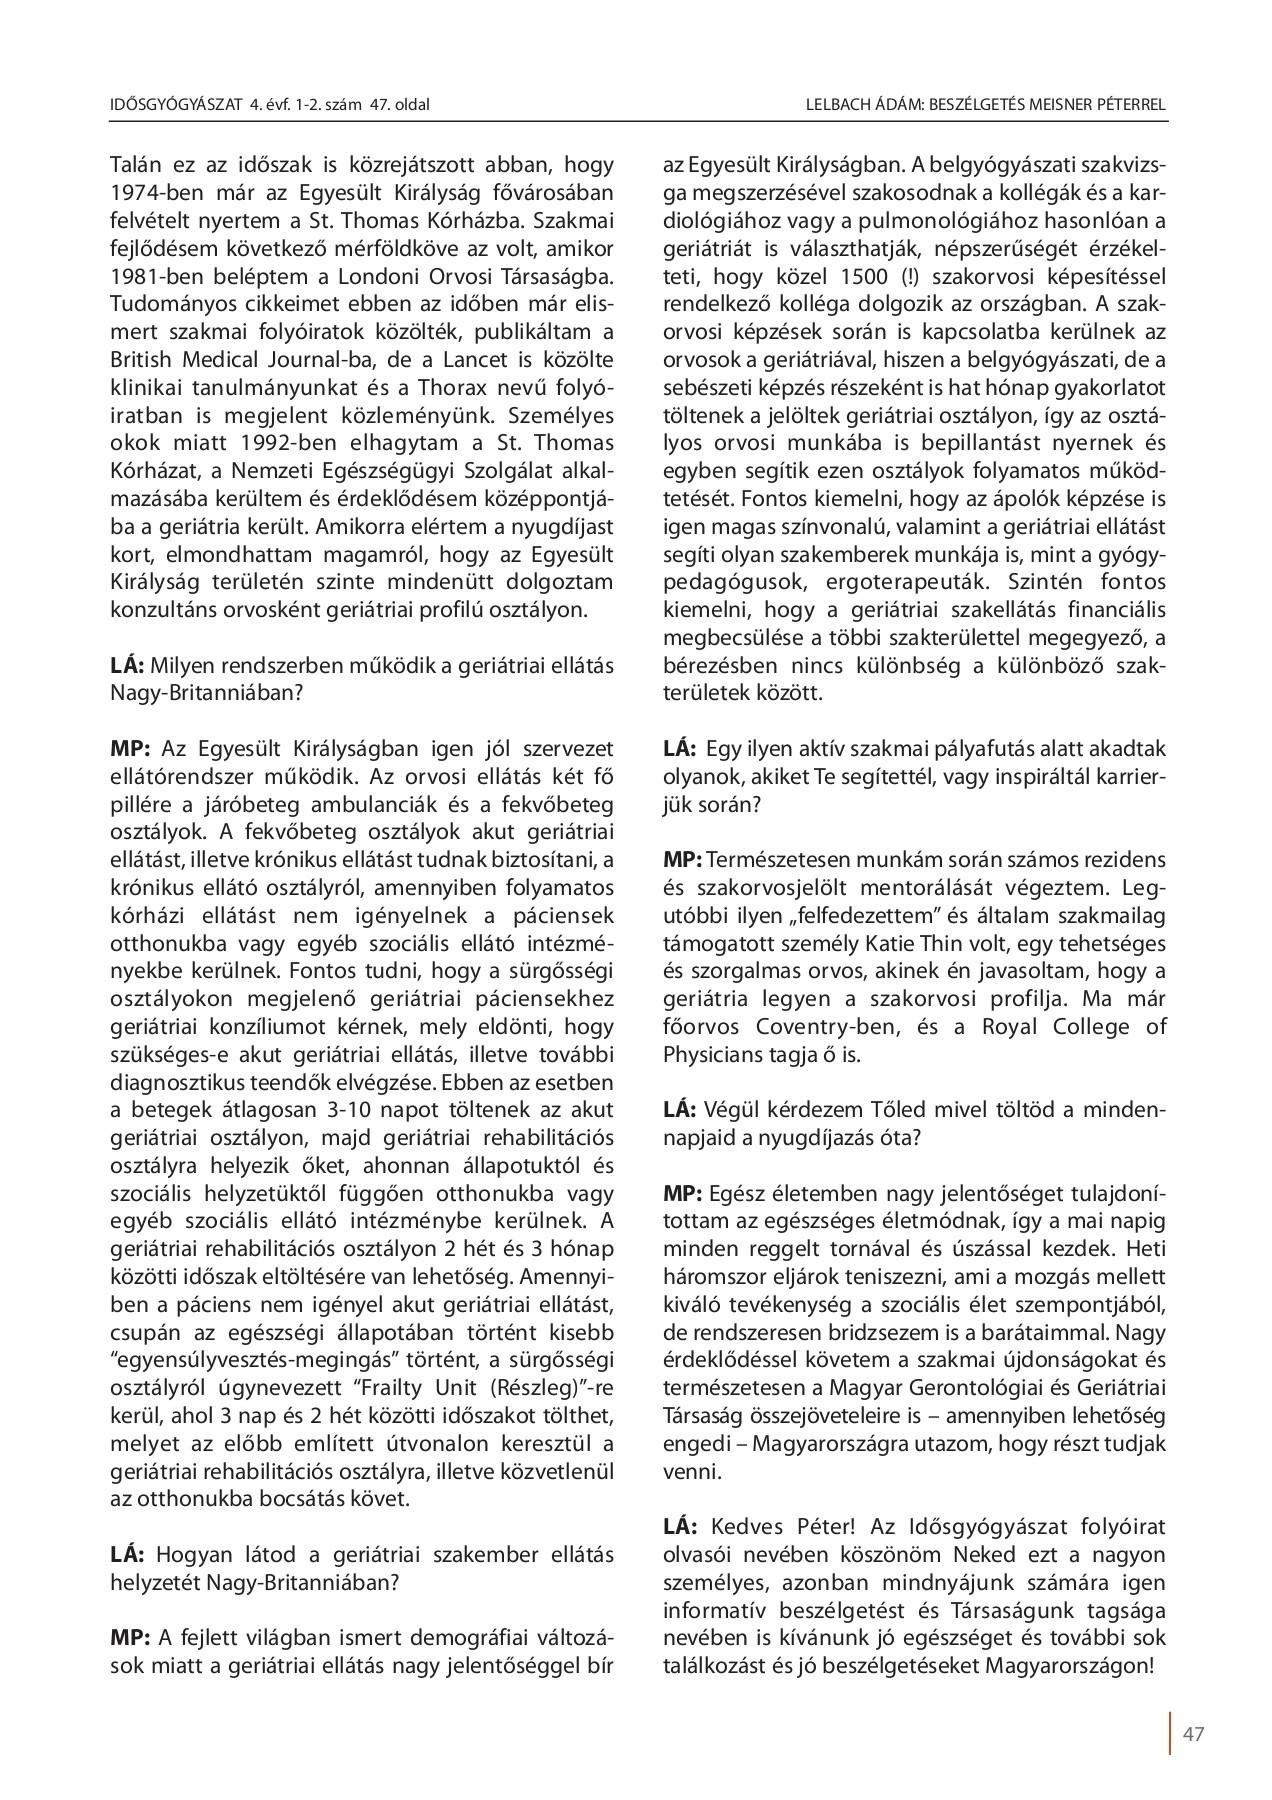 a hipertónia kezelésének modern eszközei)